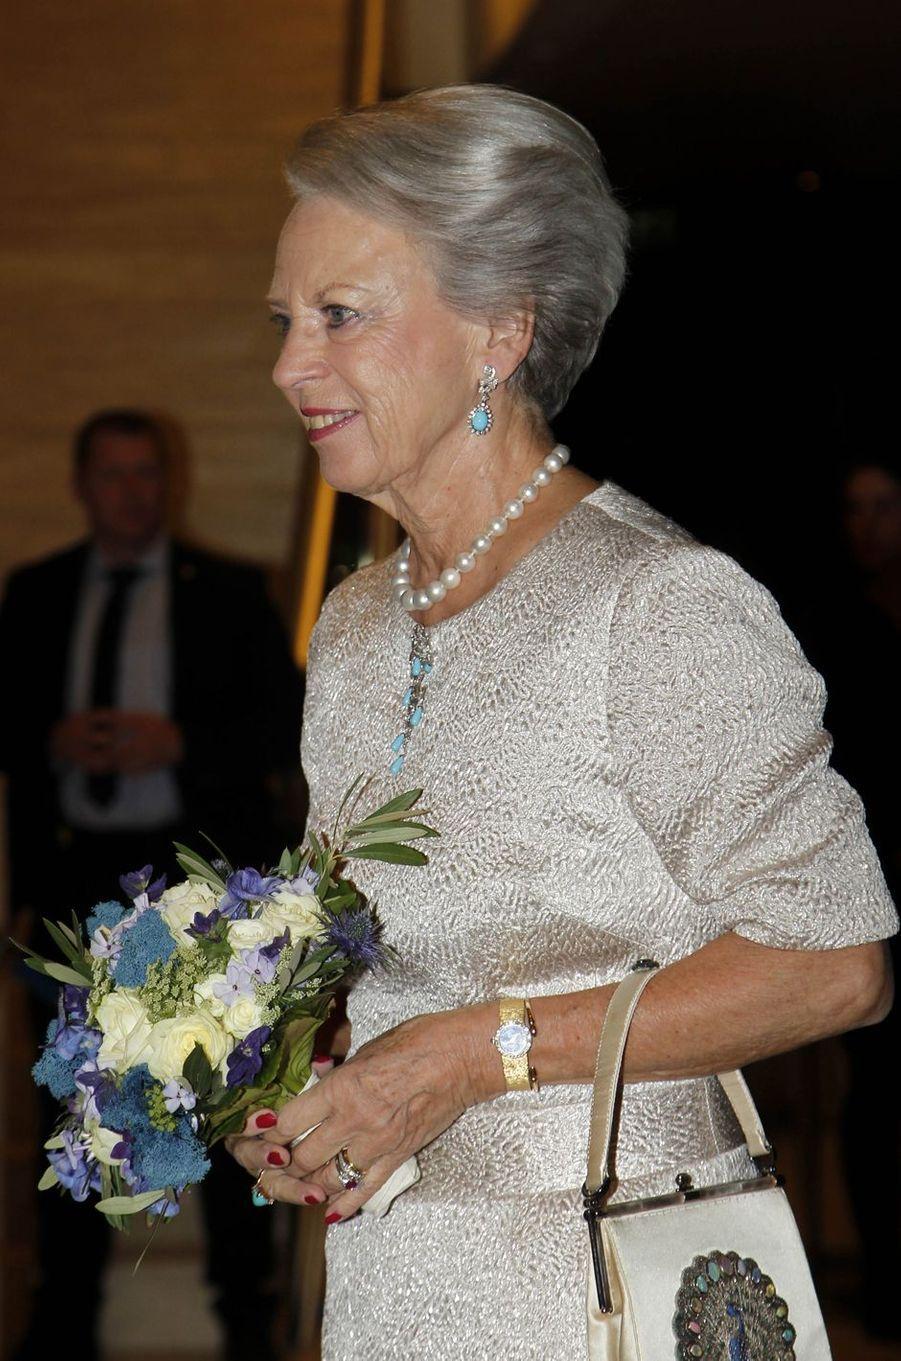 La princesse Benedikte de Danemark à Copenhague, le 10 octobre 2018